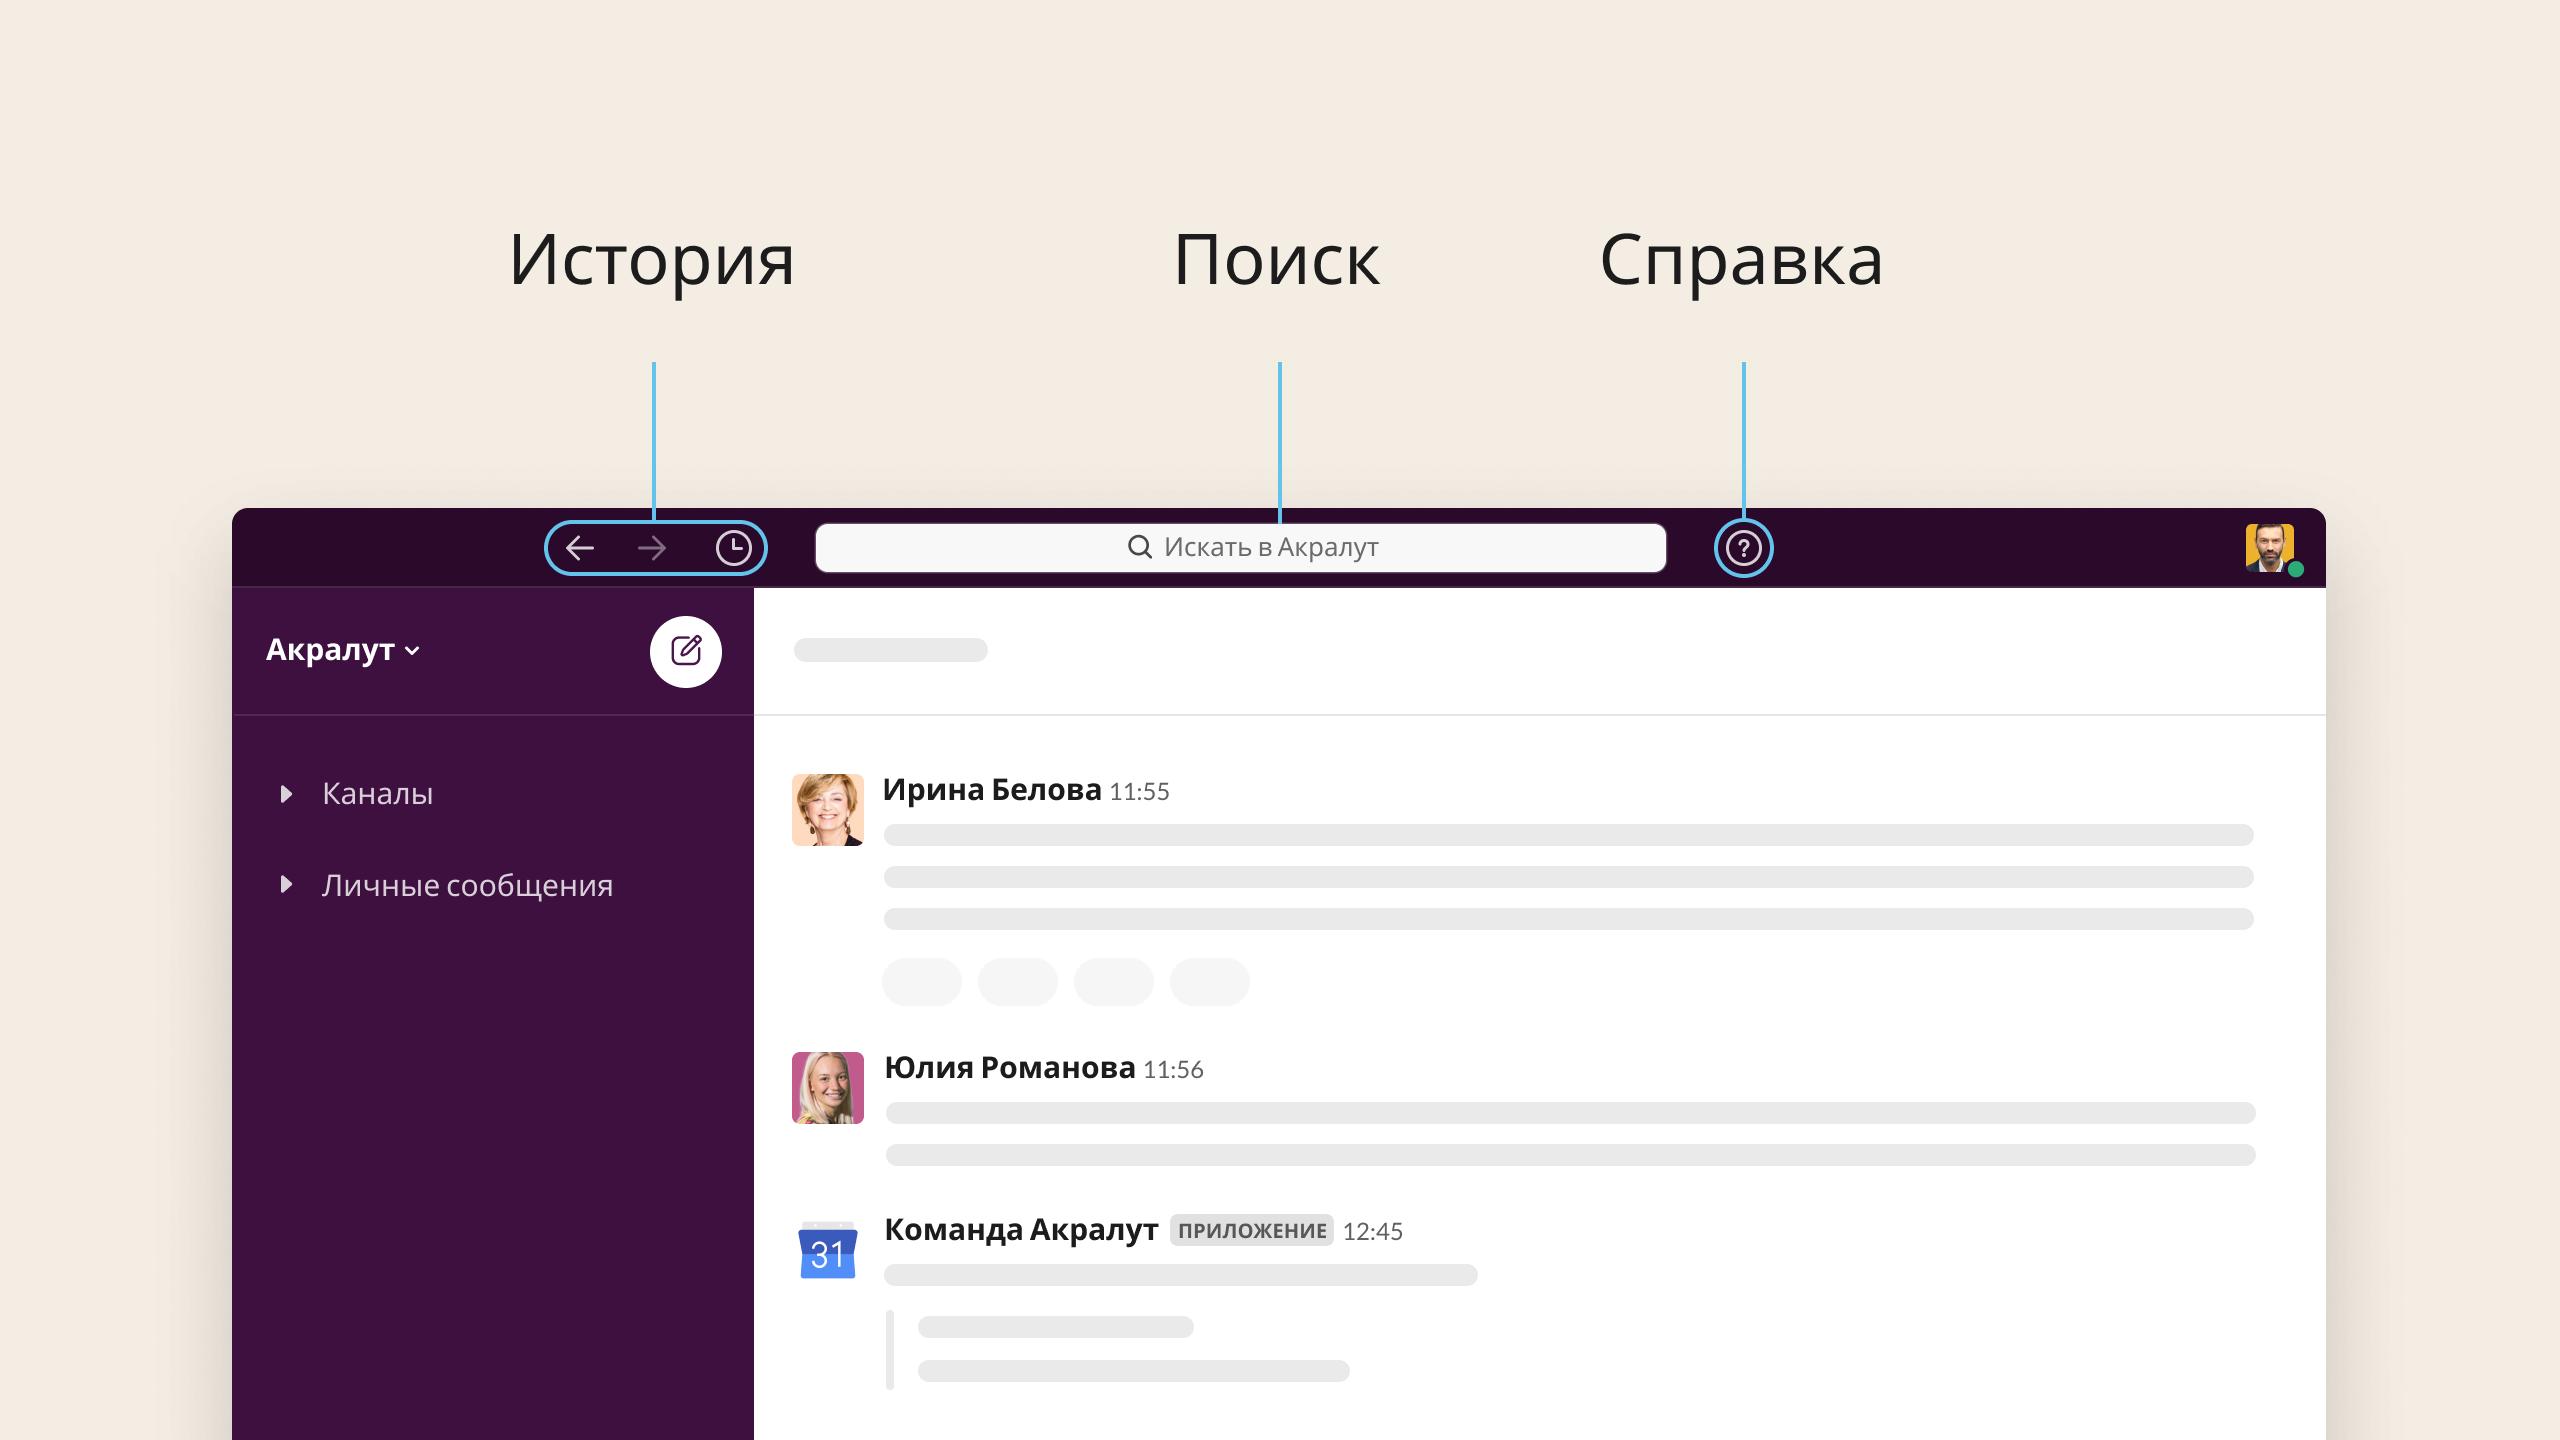 Верхняя часть окна приложения Slack для компьютера со значками навигации и поисковой панелью